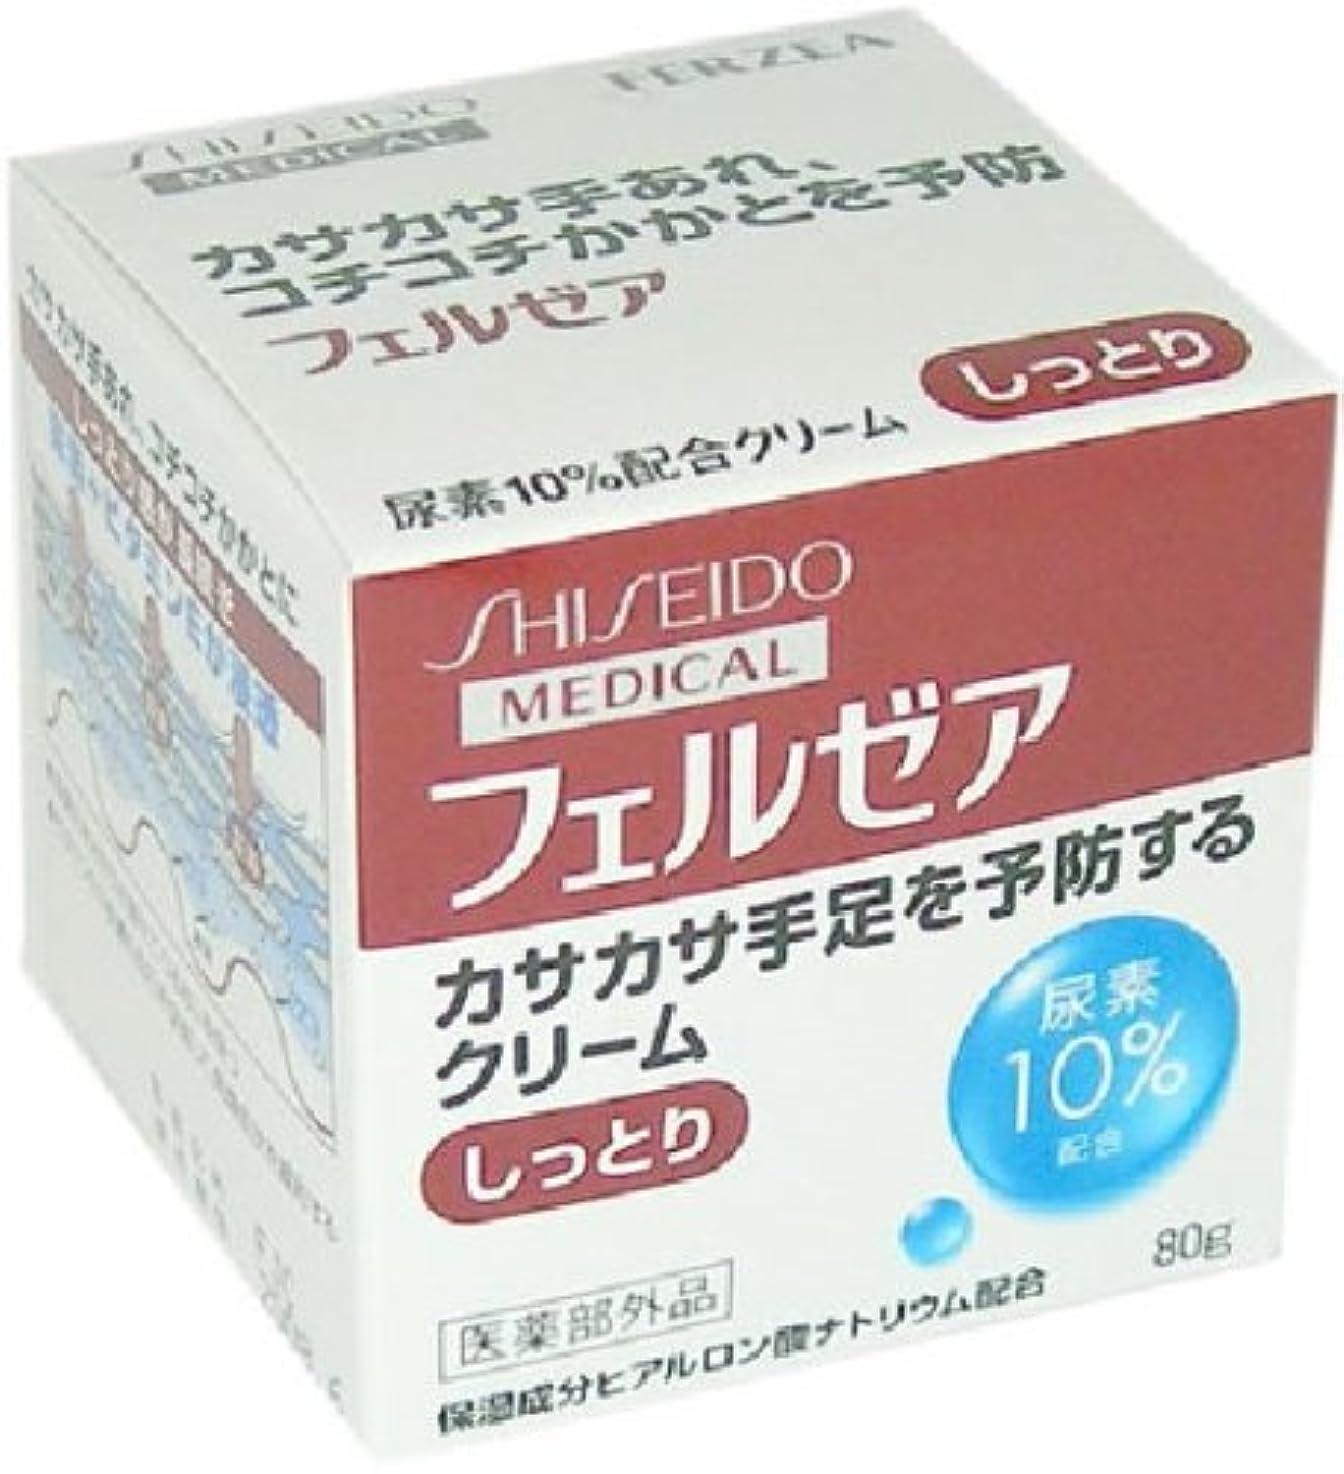 精査する十分がっかりしたフェルゼア クリームM しっとりジャータイプ 尿素10%配合 80g [指定医薬部外品]